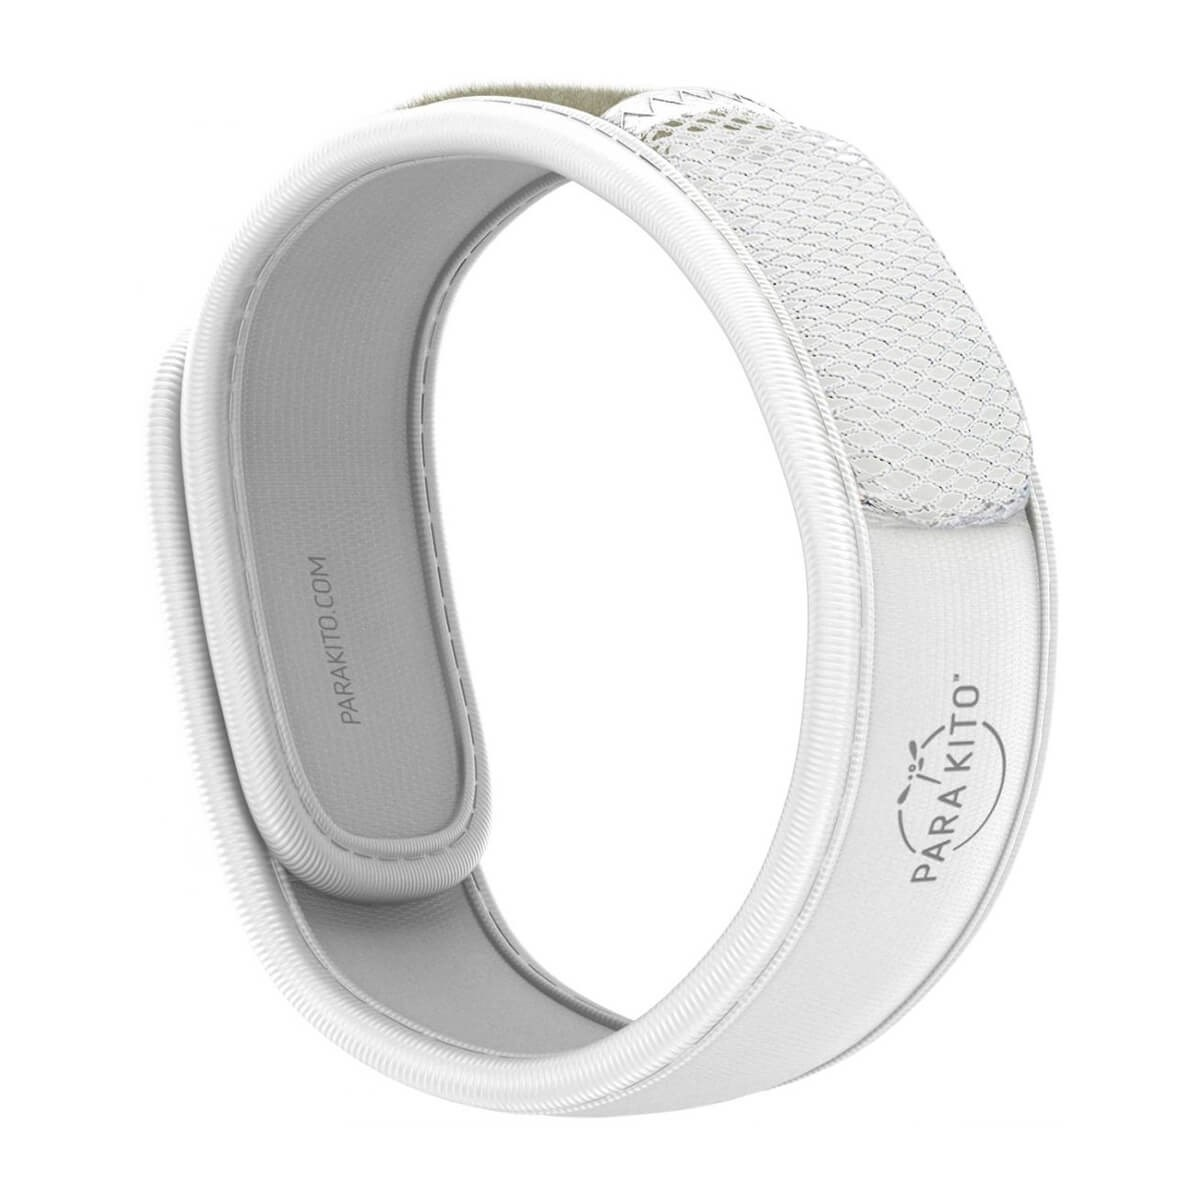 PARA'KITO White Wristband